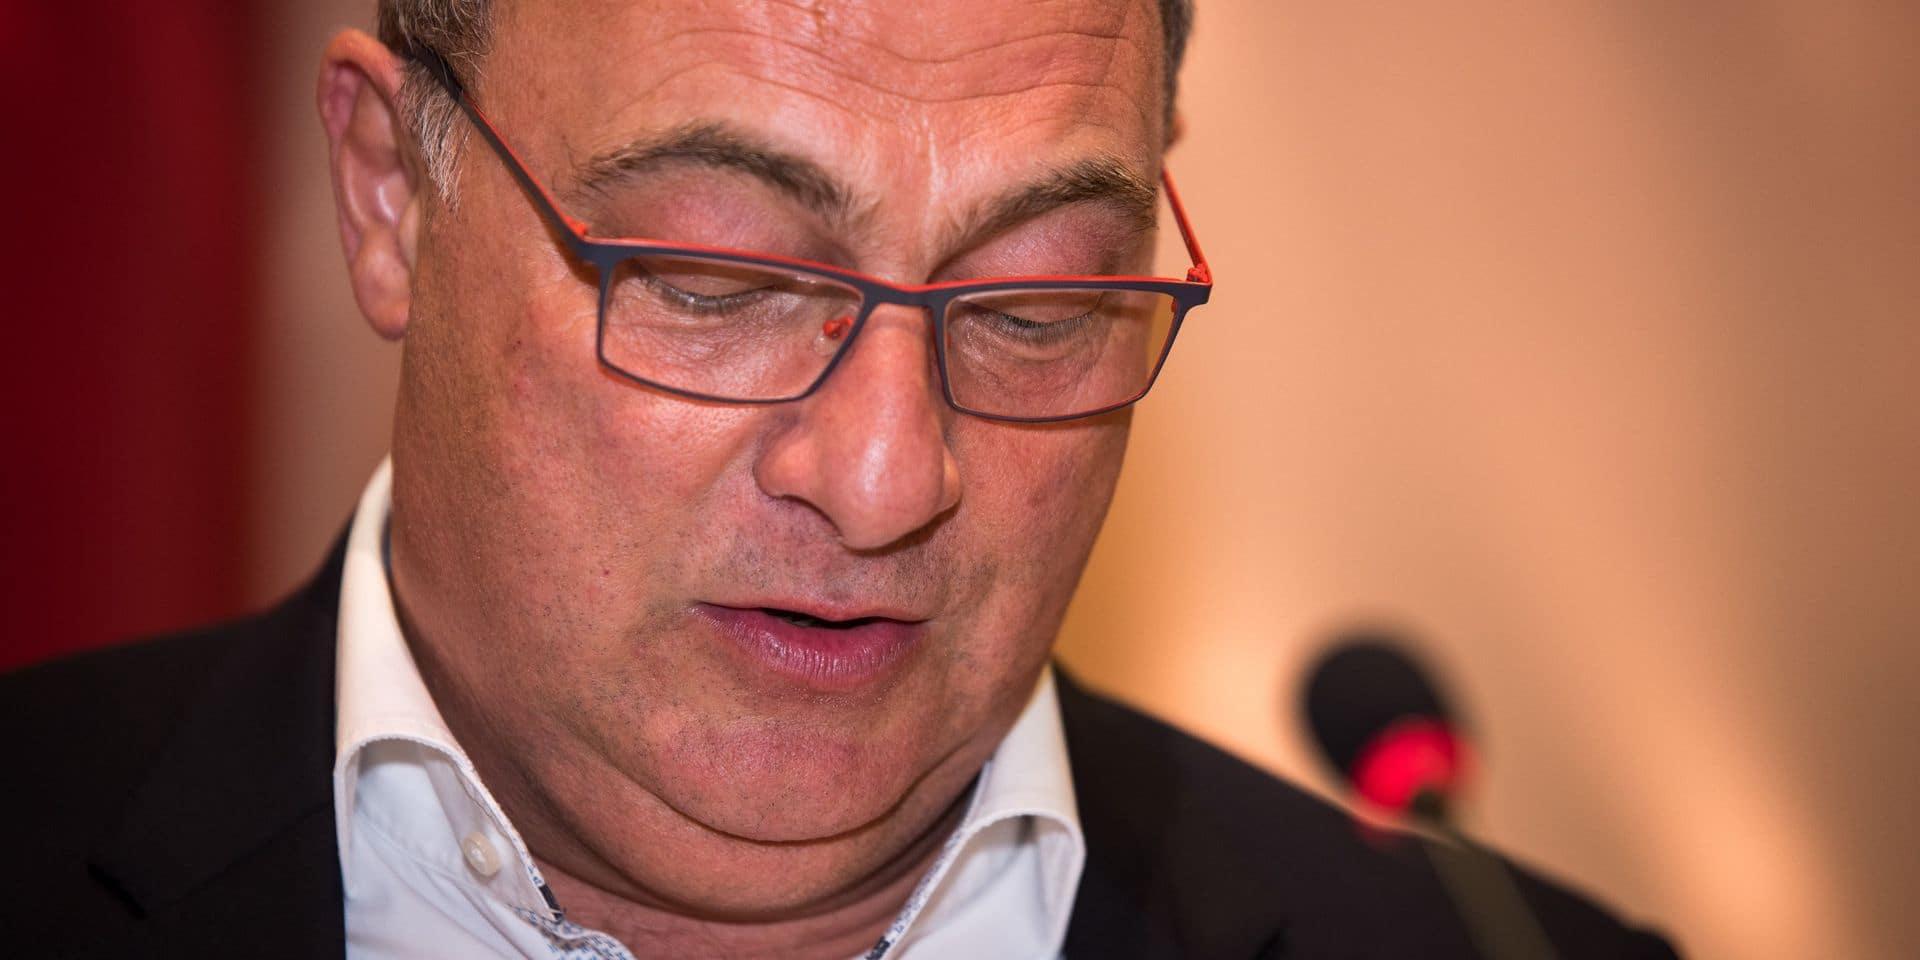 La Louvière: Jacques Gobert, débouté en justice face au caricaturiste Philippe Decressac